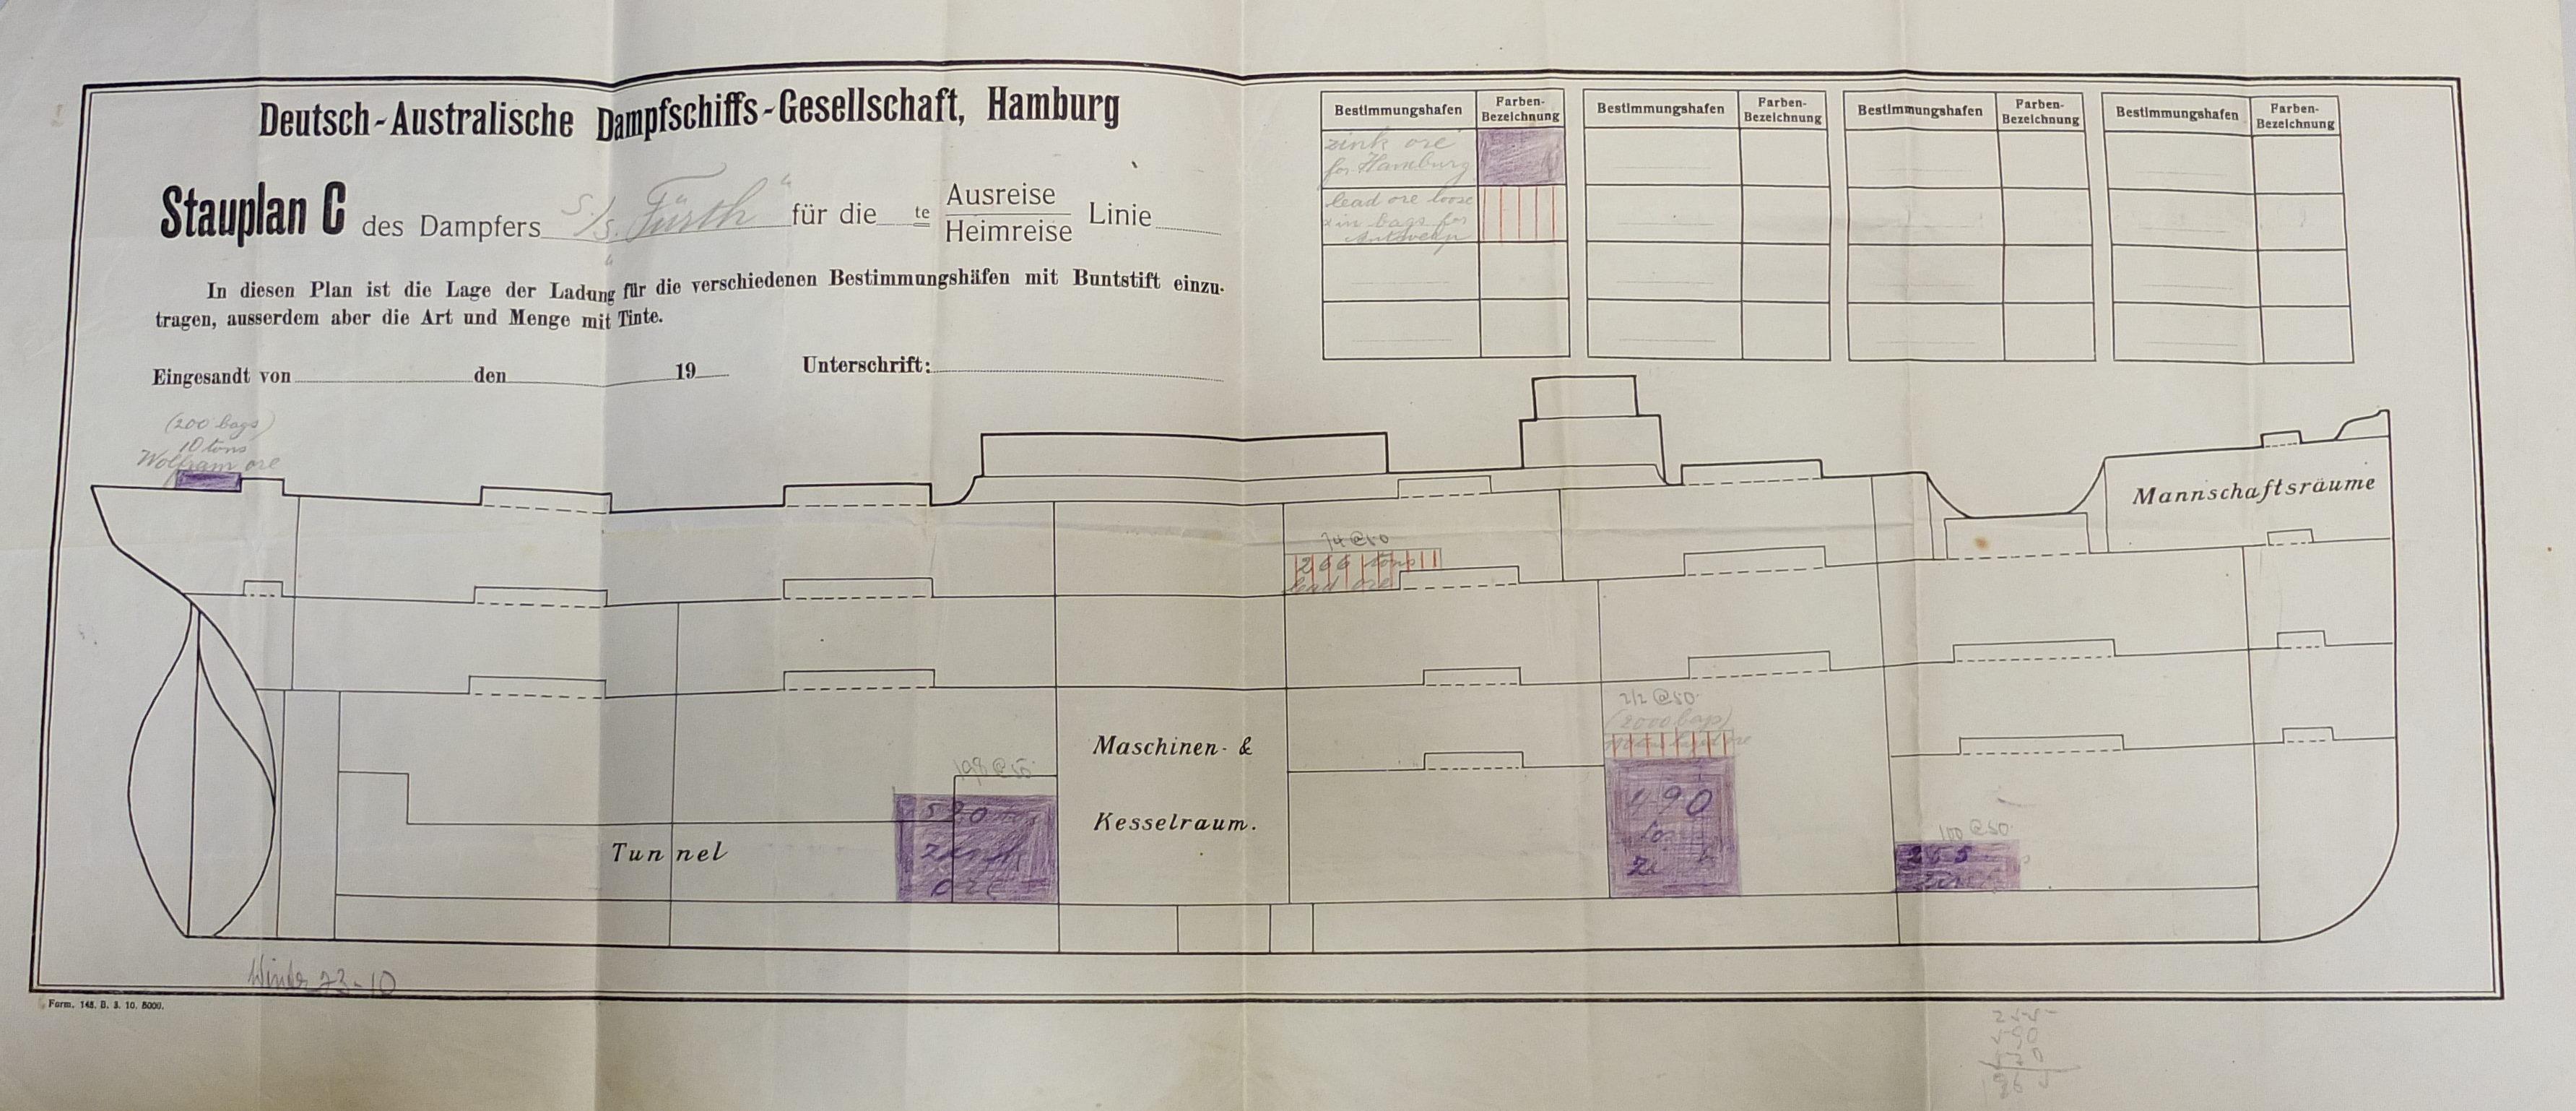 Stauplan, Dampfschiff Fürth 1914